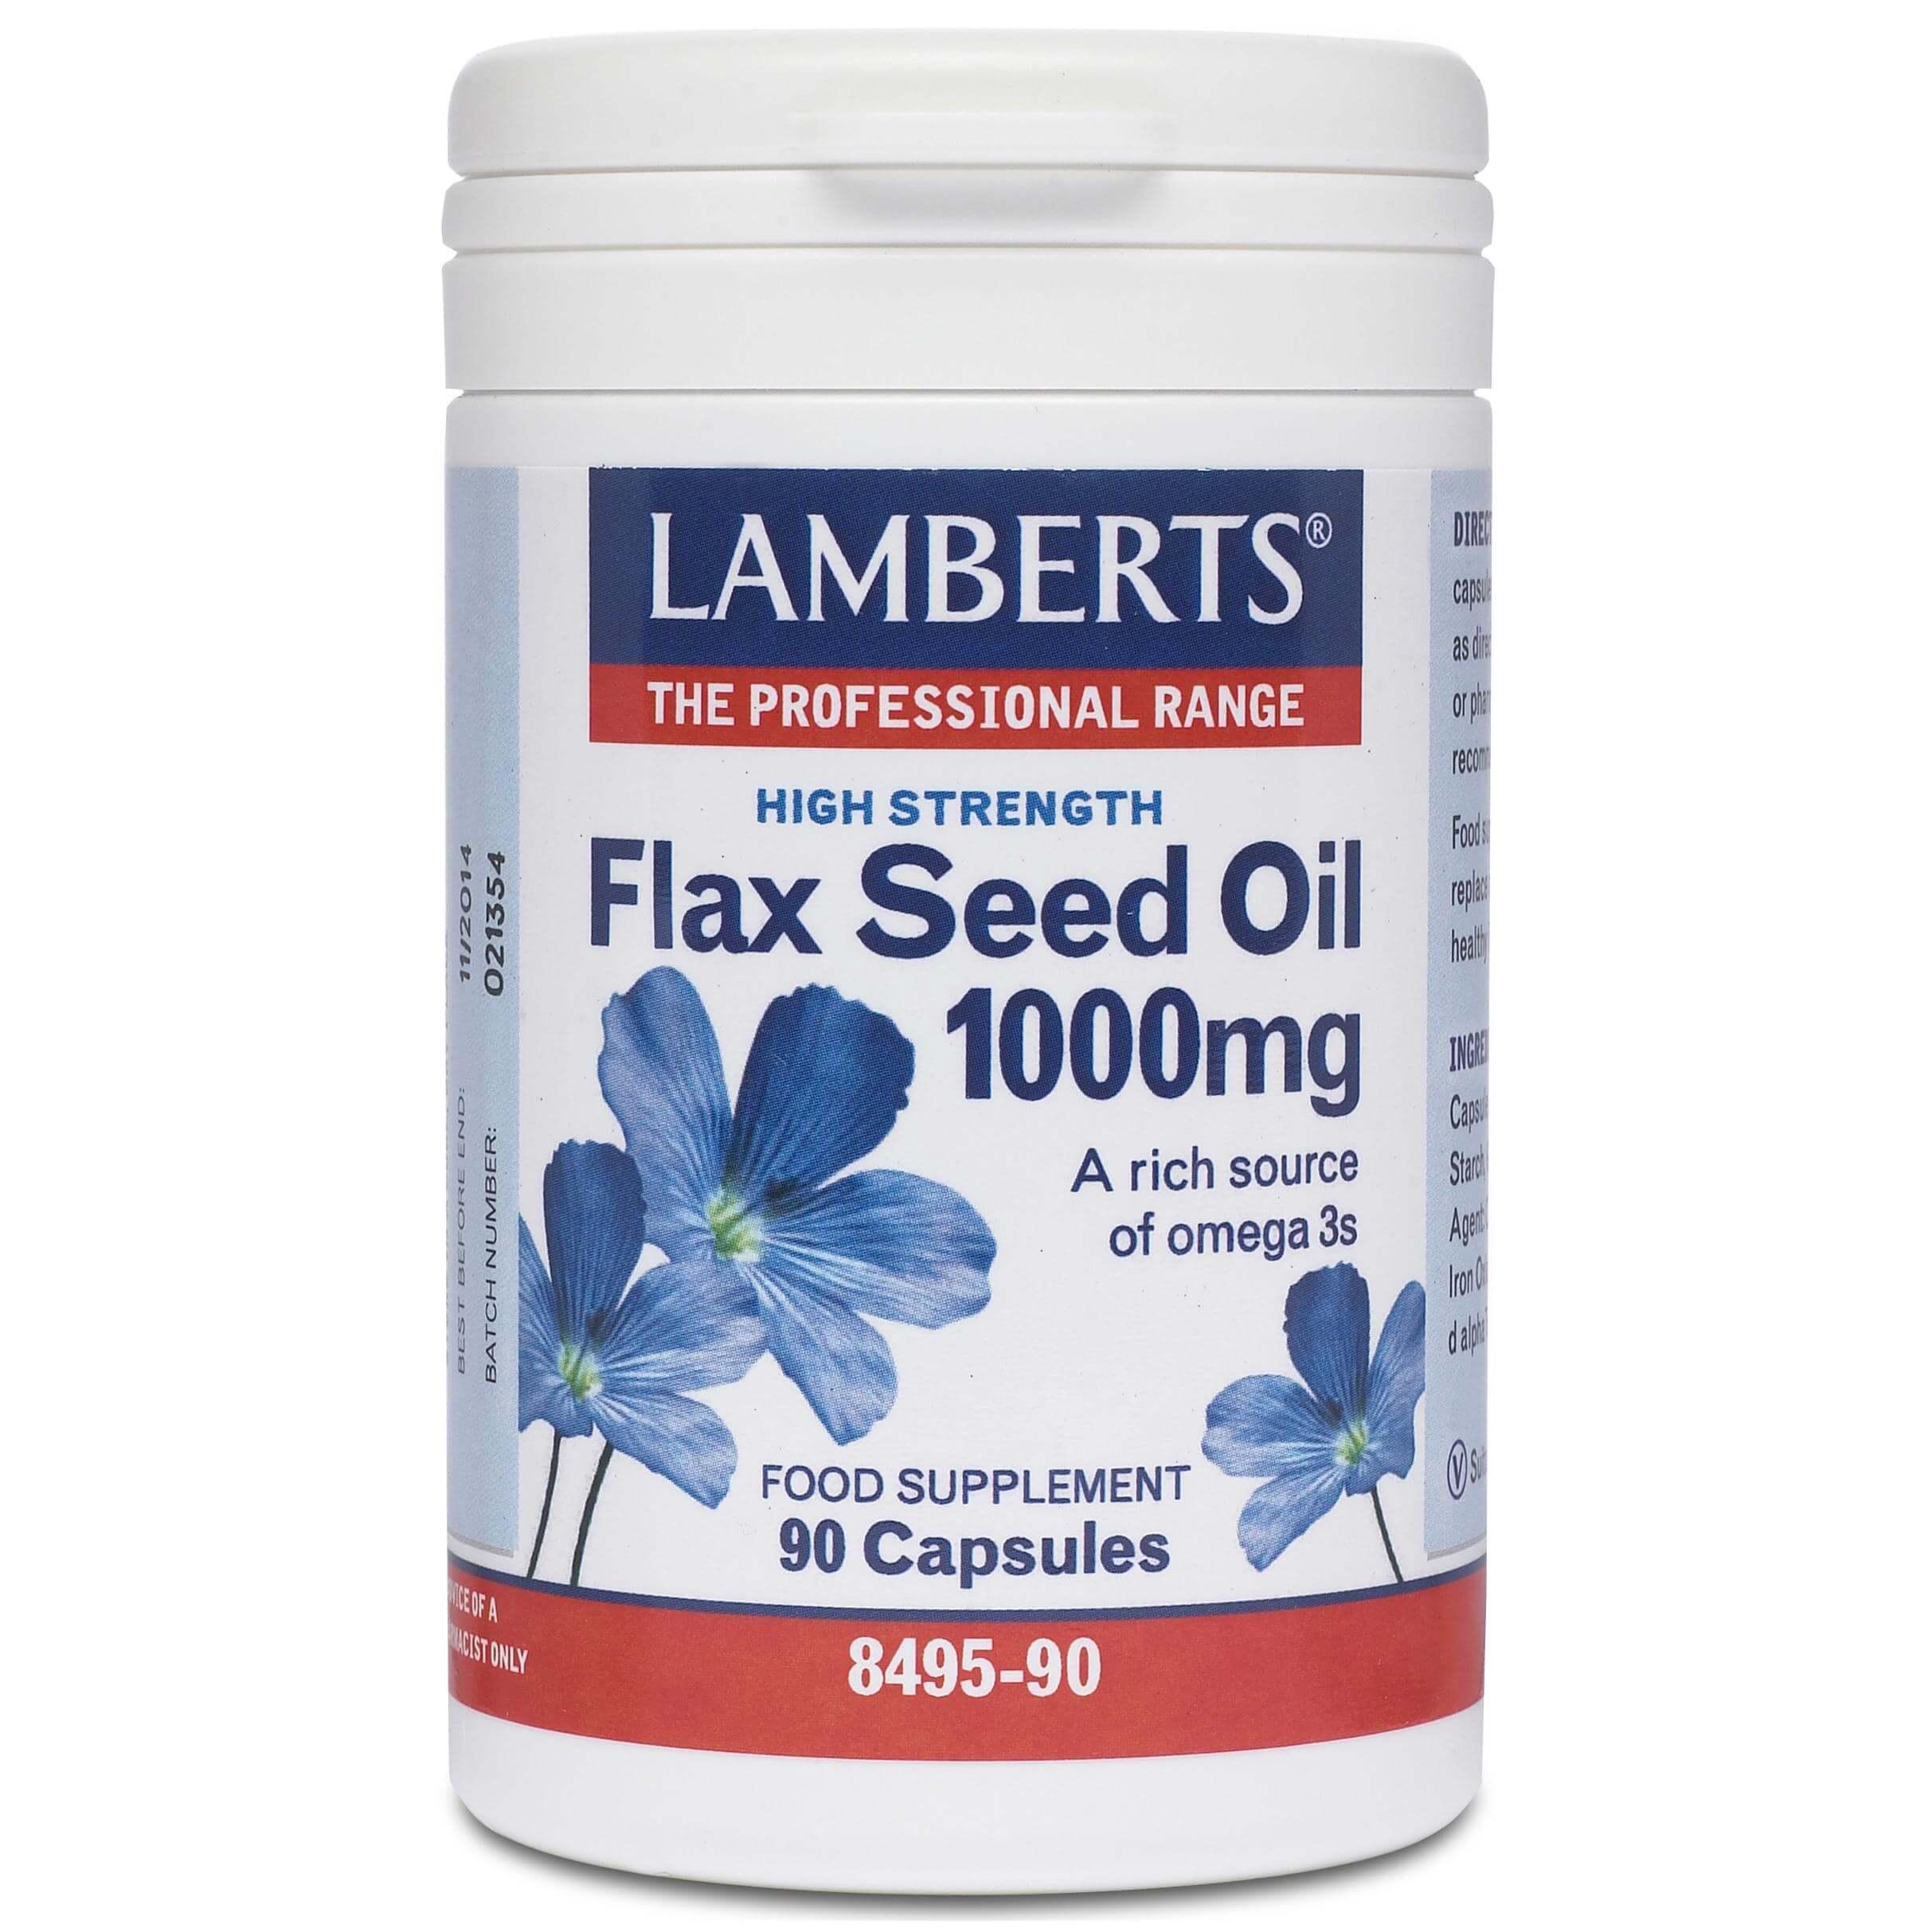 Lamberts Flax Seed Oil Συμπλήρωμα Διατροφής Πλούσιο σε Ωμέγα 3 1000mg 90tabs